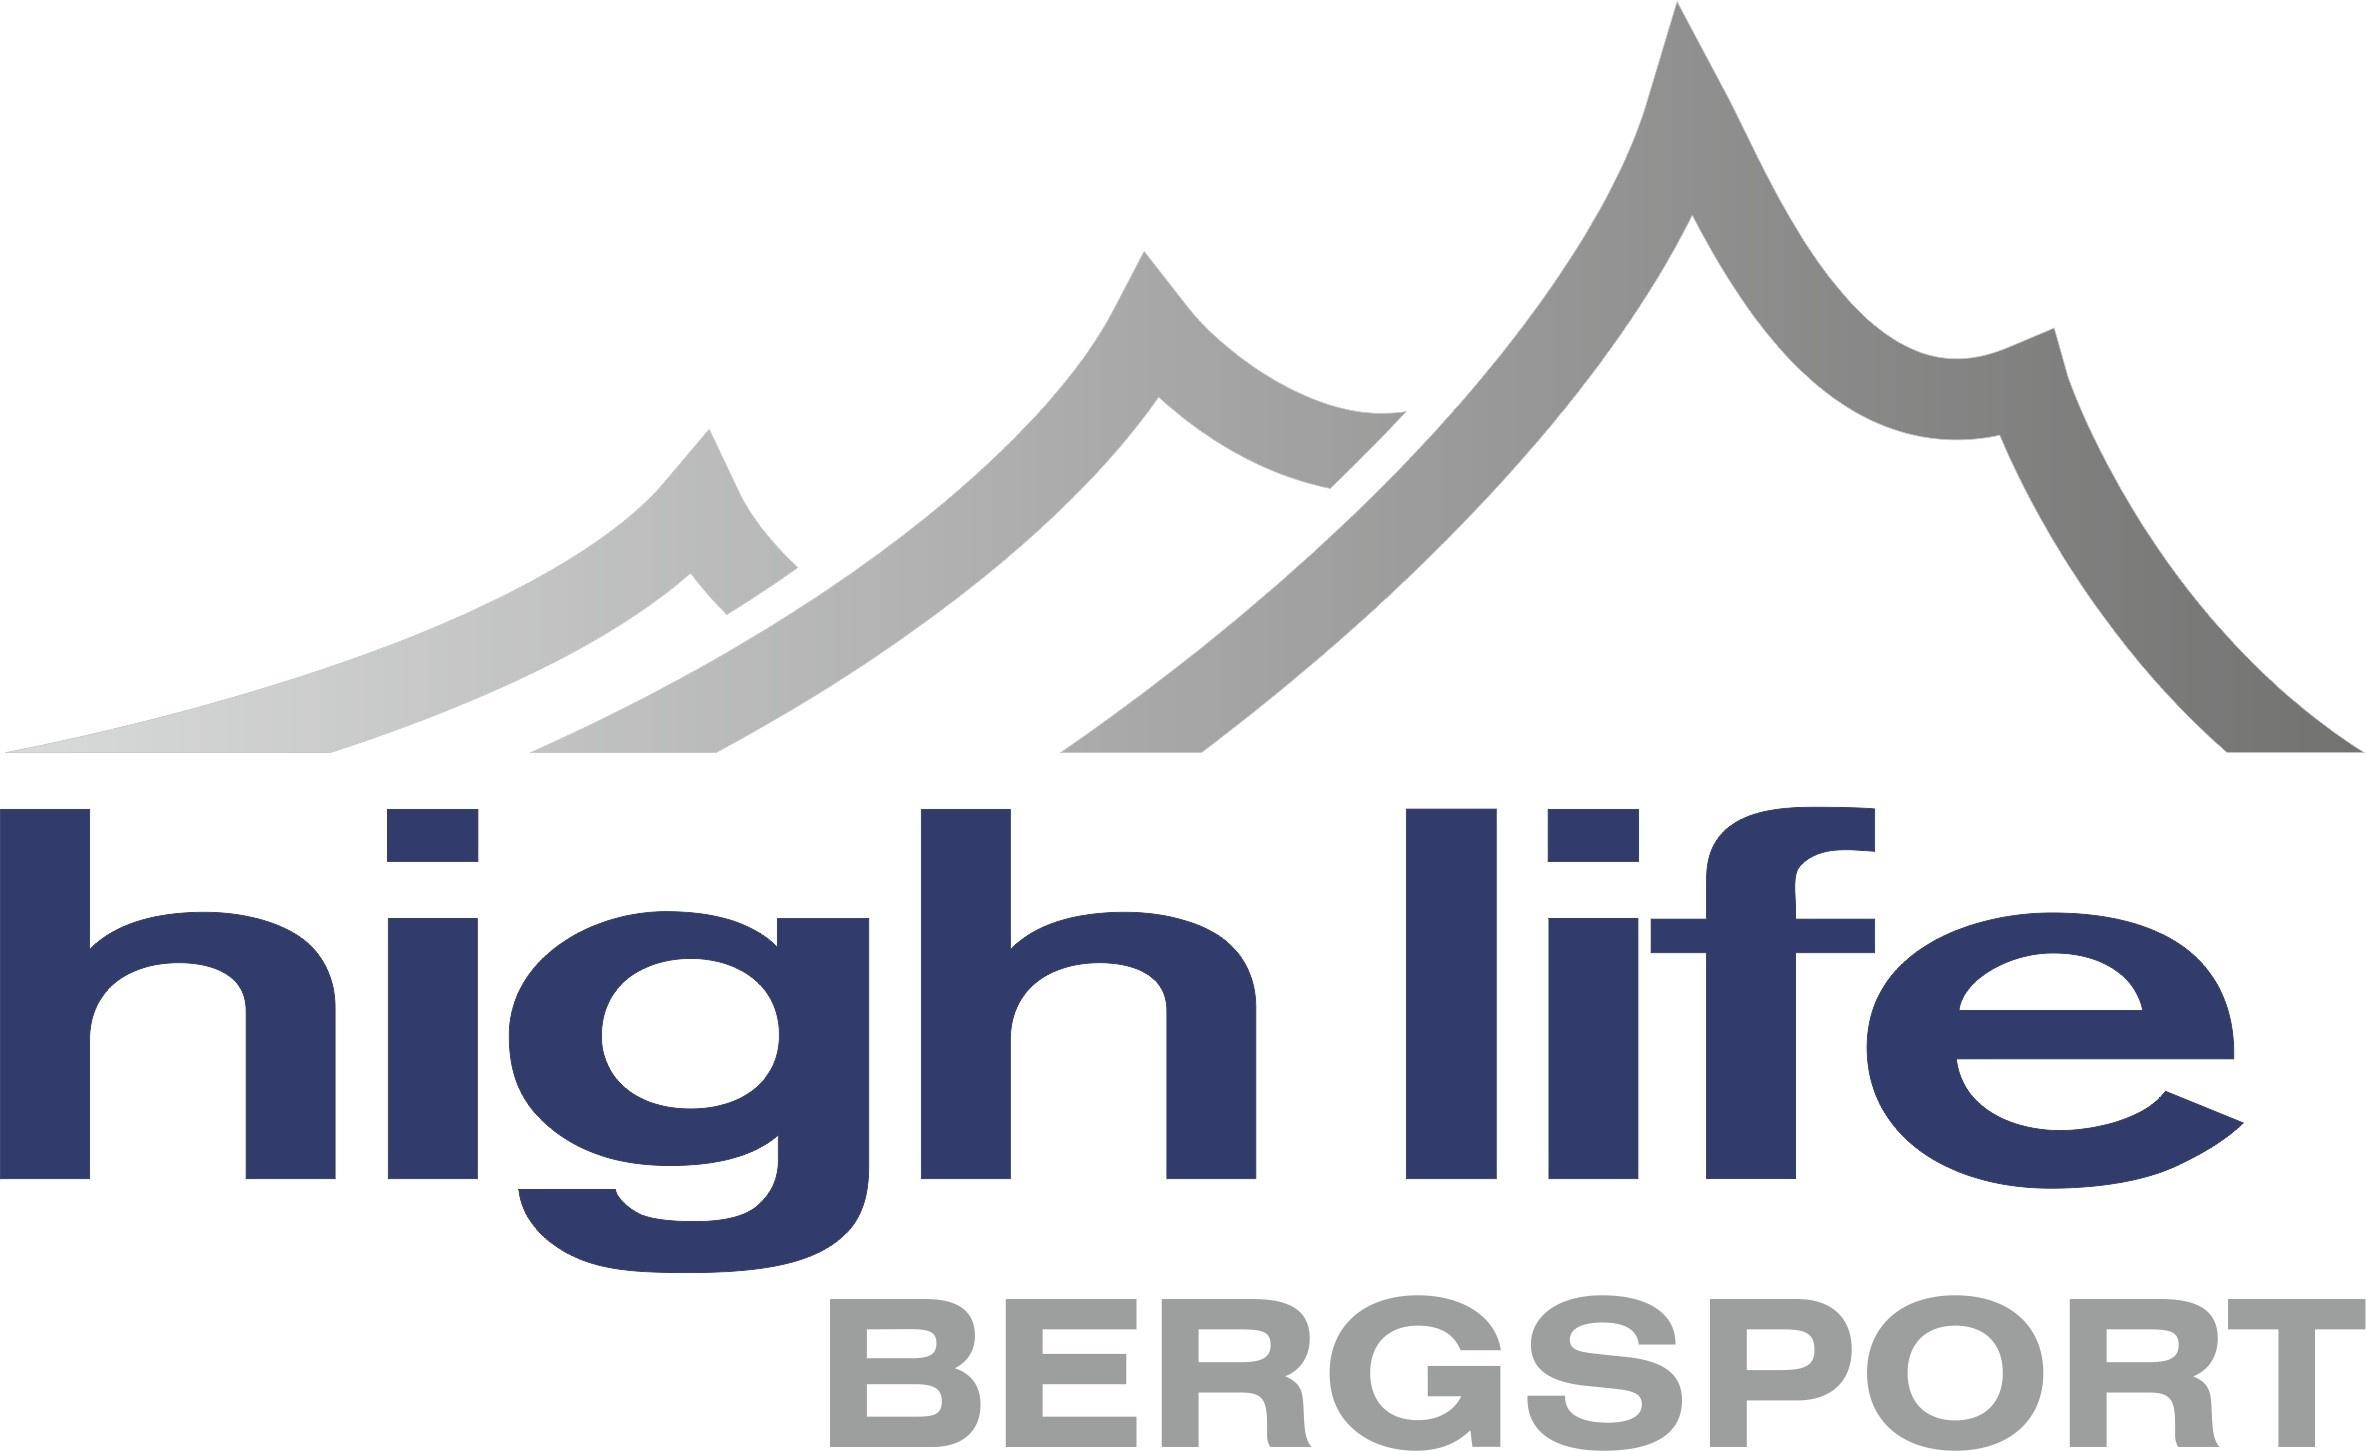 highlife Bergsport Fachgeschäft.